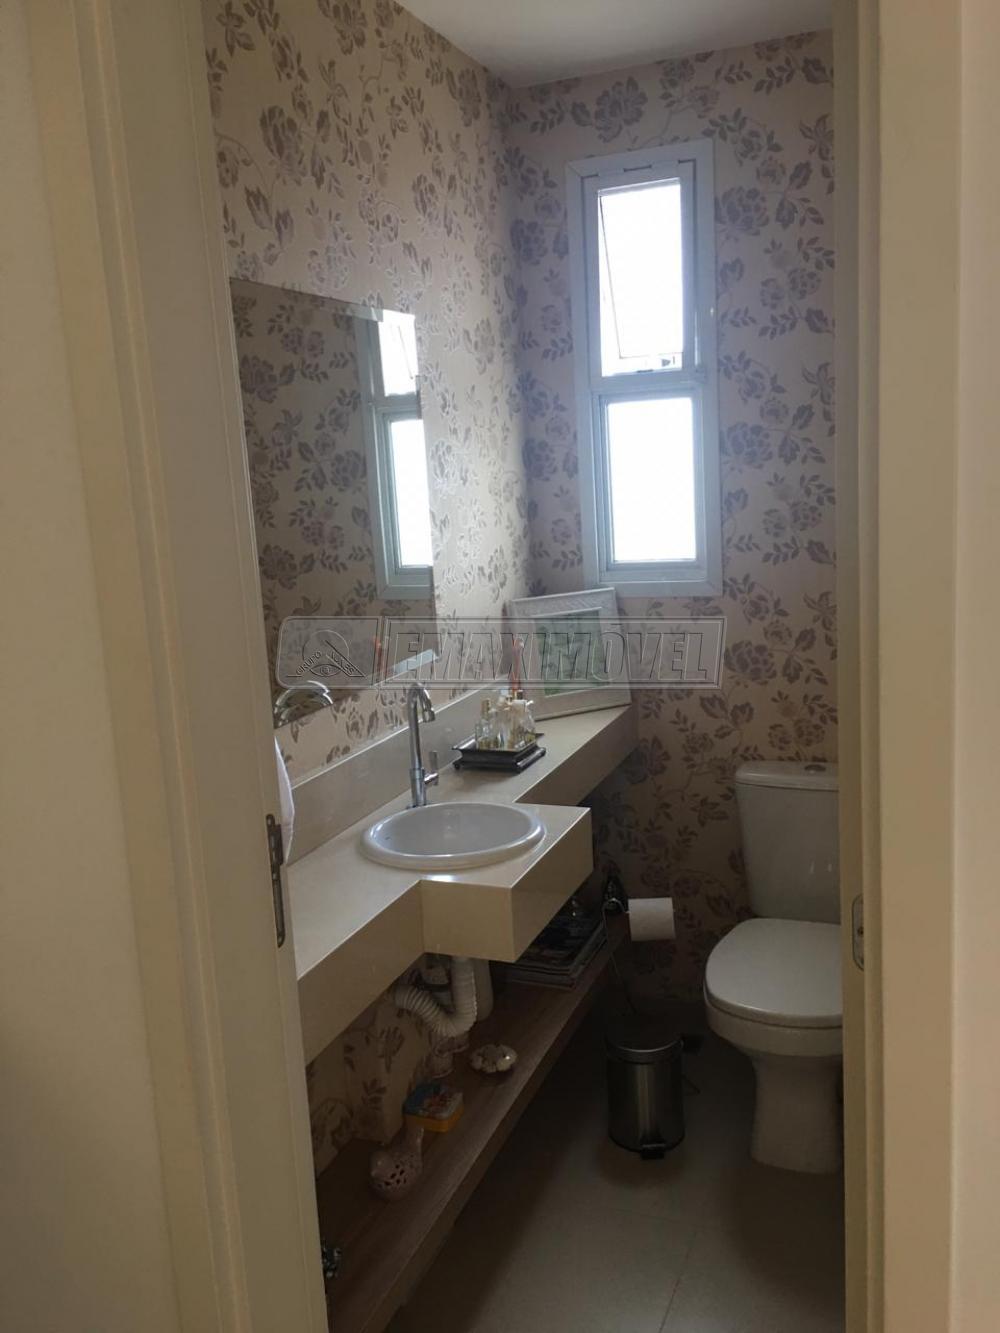 Comprar Apartamento / Padrão em Sorocaba R$ 840.000,00 - Foto 7